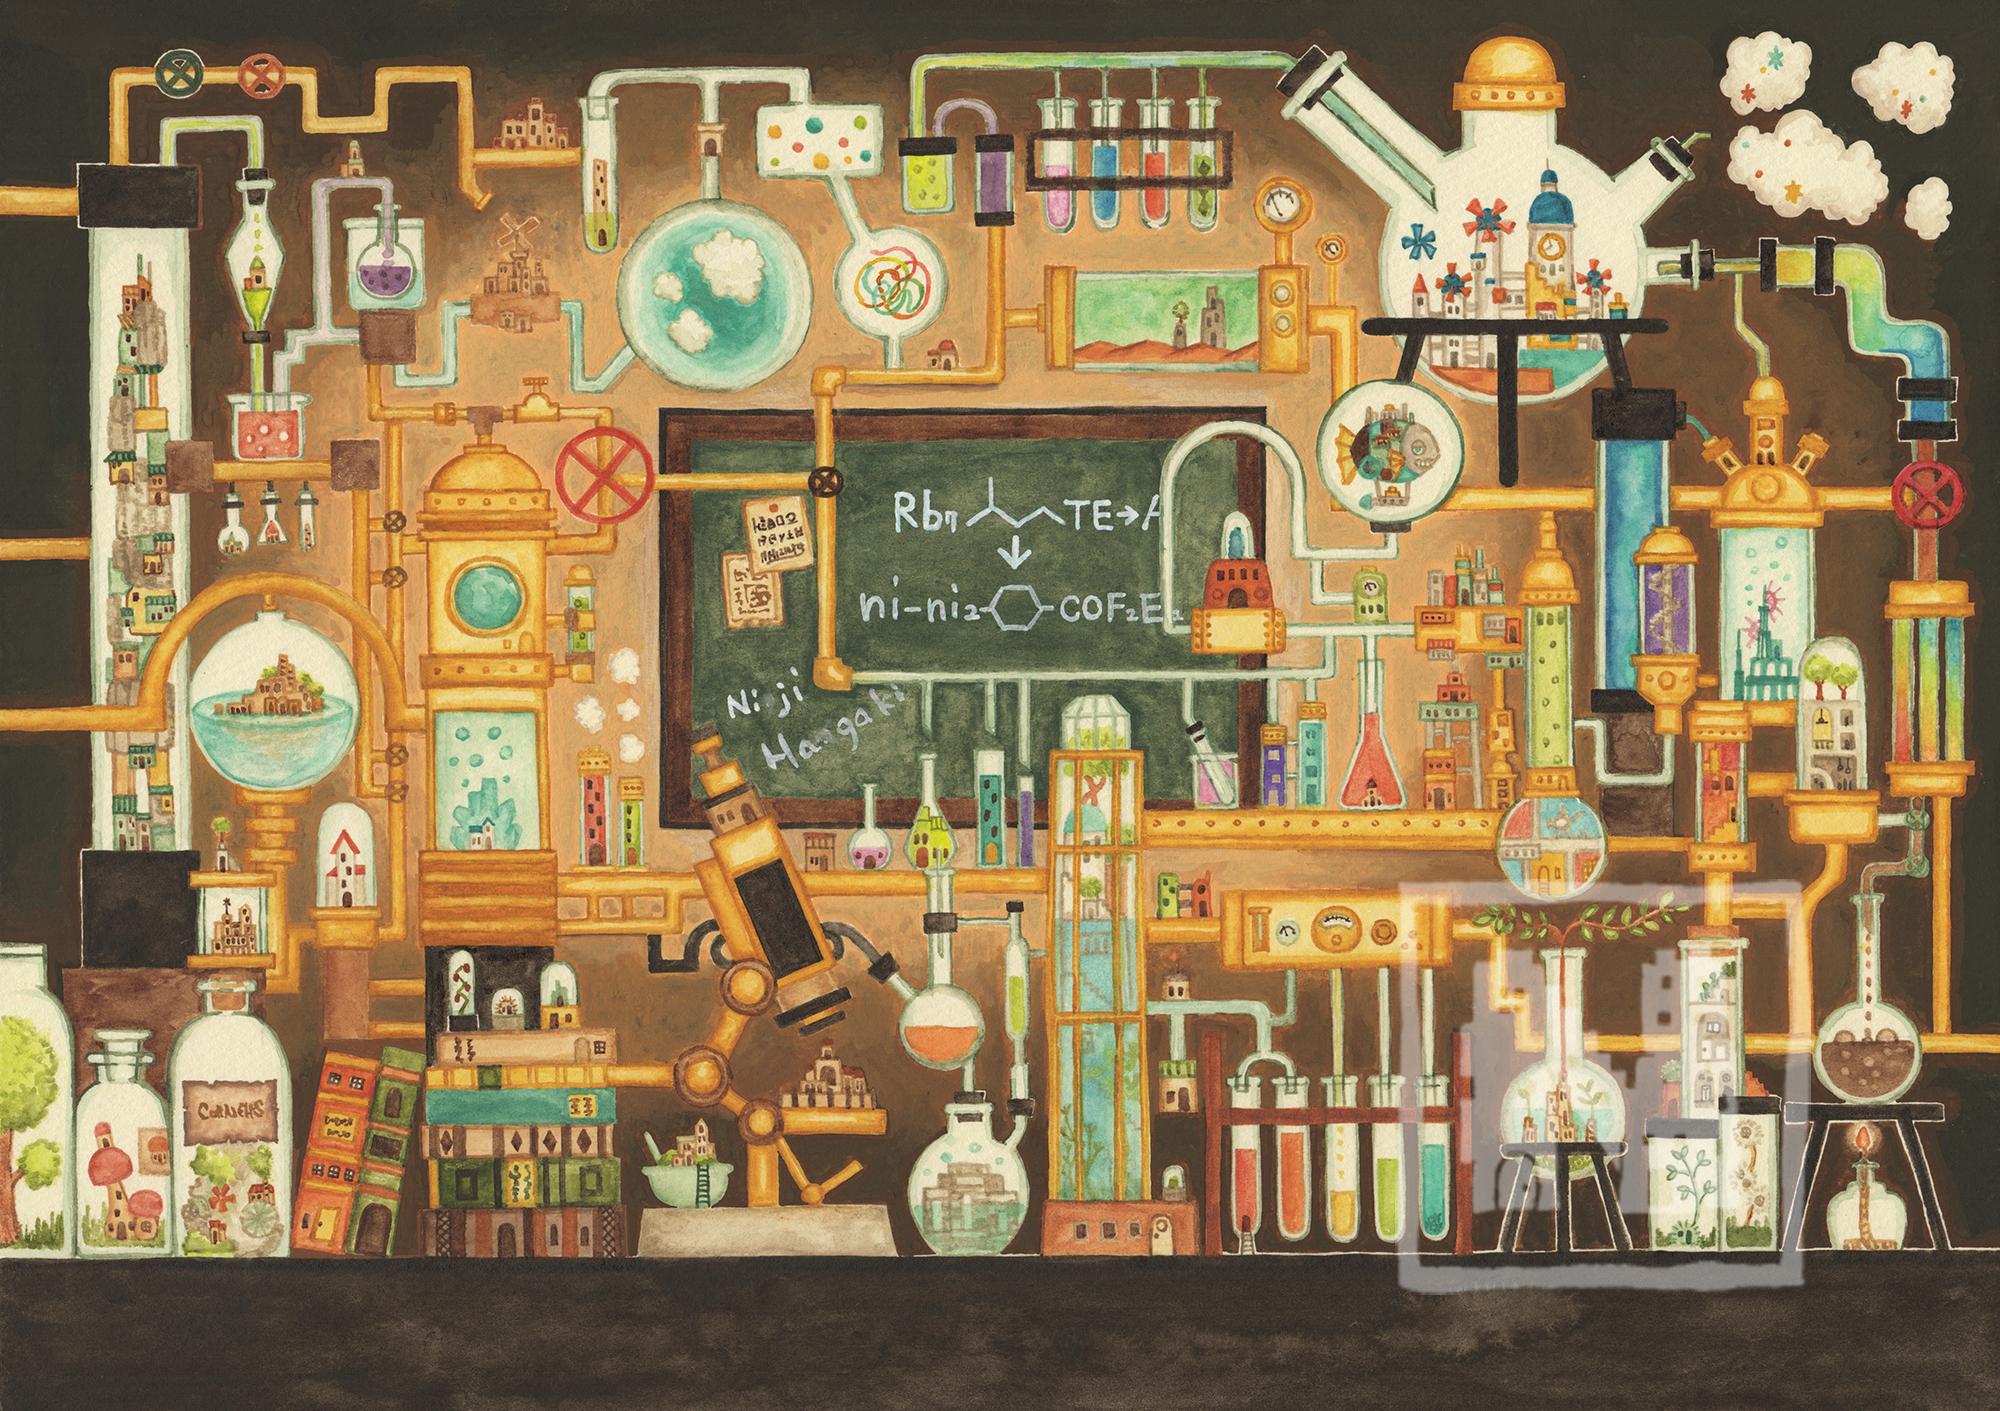 【原画】理科室に眠る実験道具の街